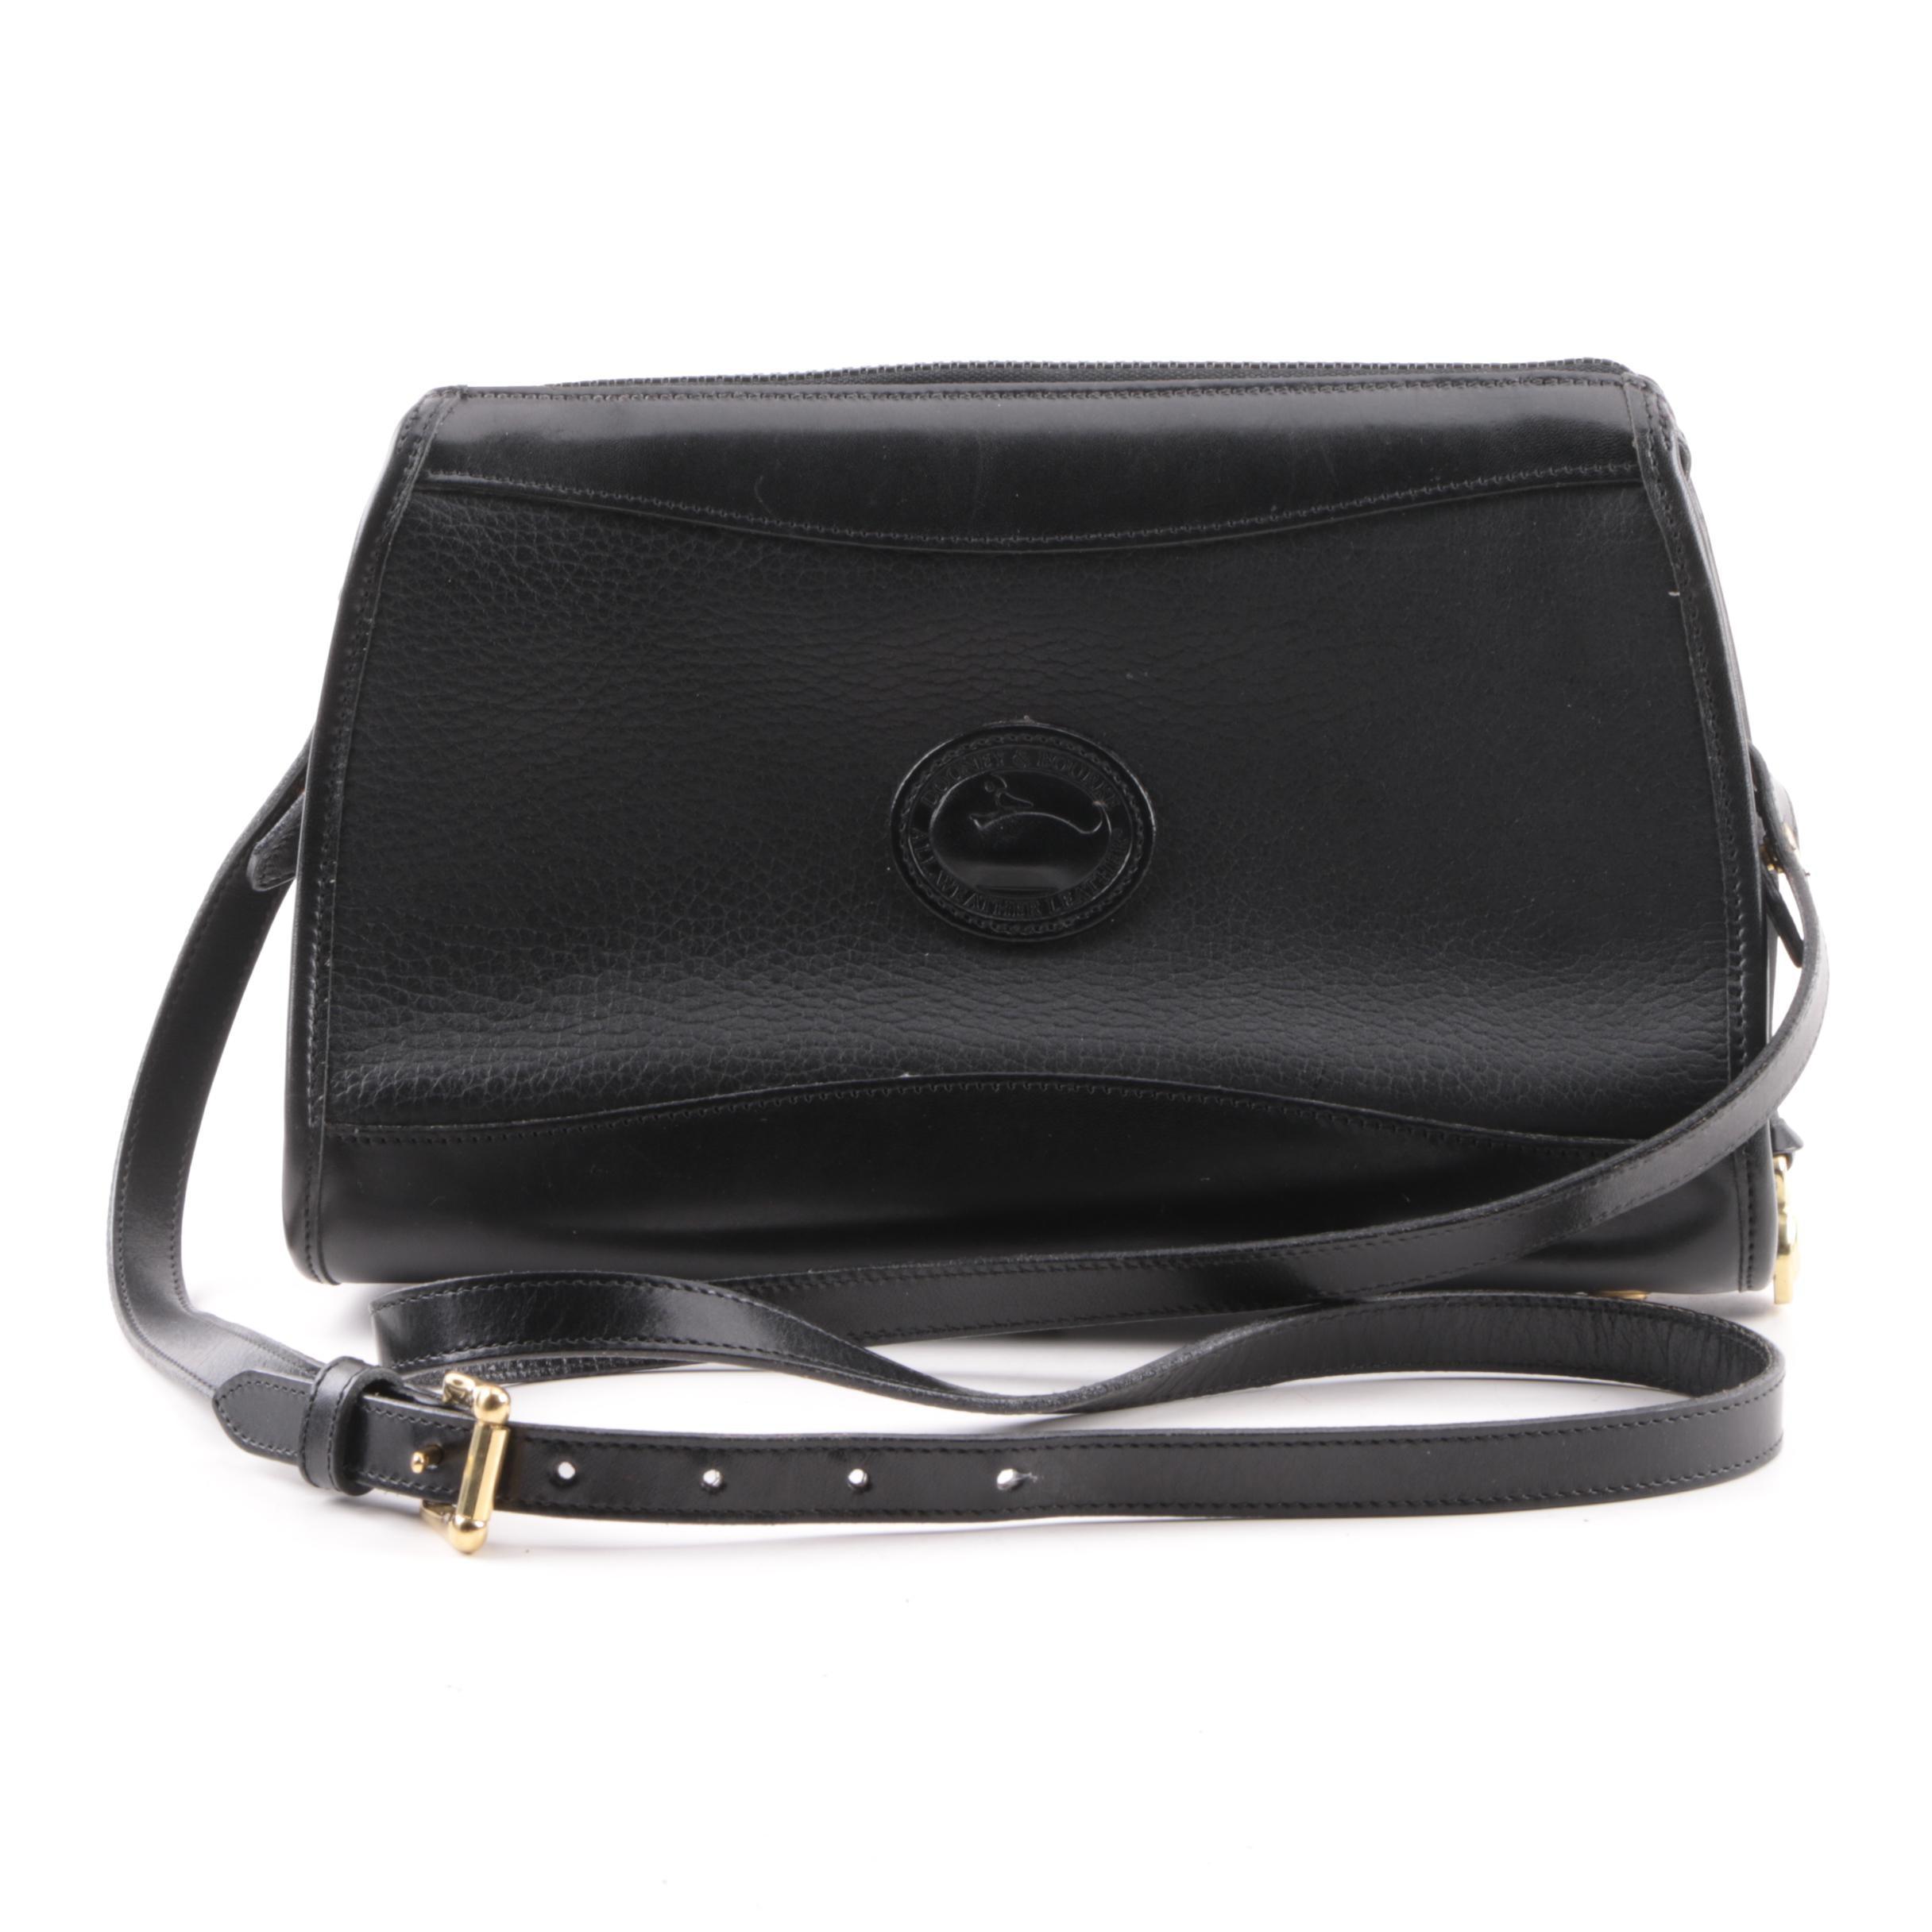 Dooney & Bourke Black All-Weather Leather Shoulder Bag